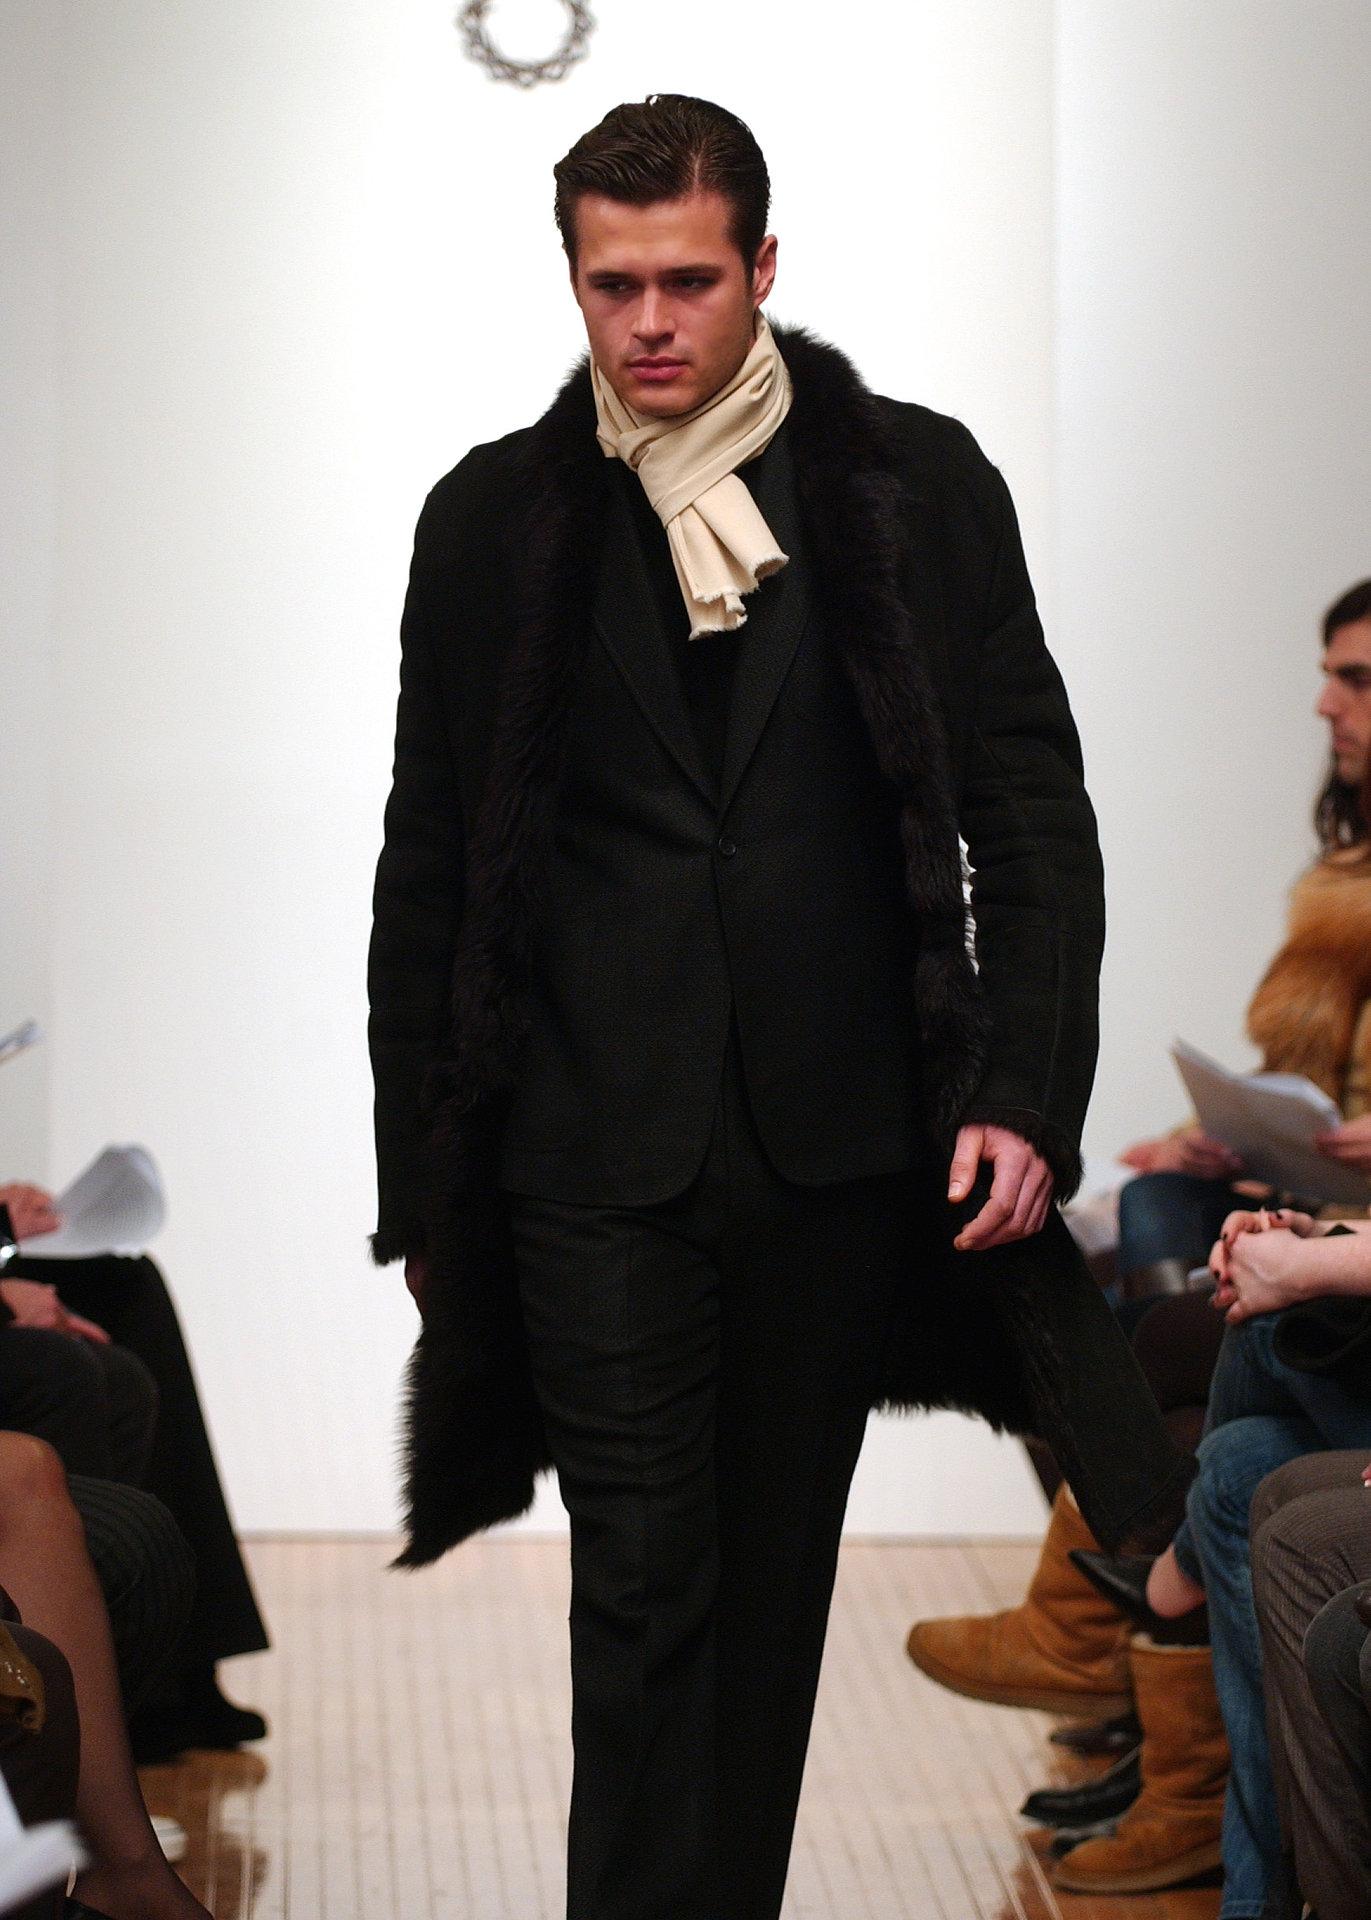 18KRISTOFFBLKshearling+and+suit